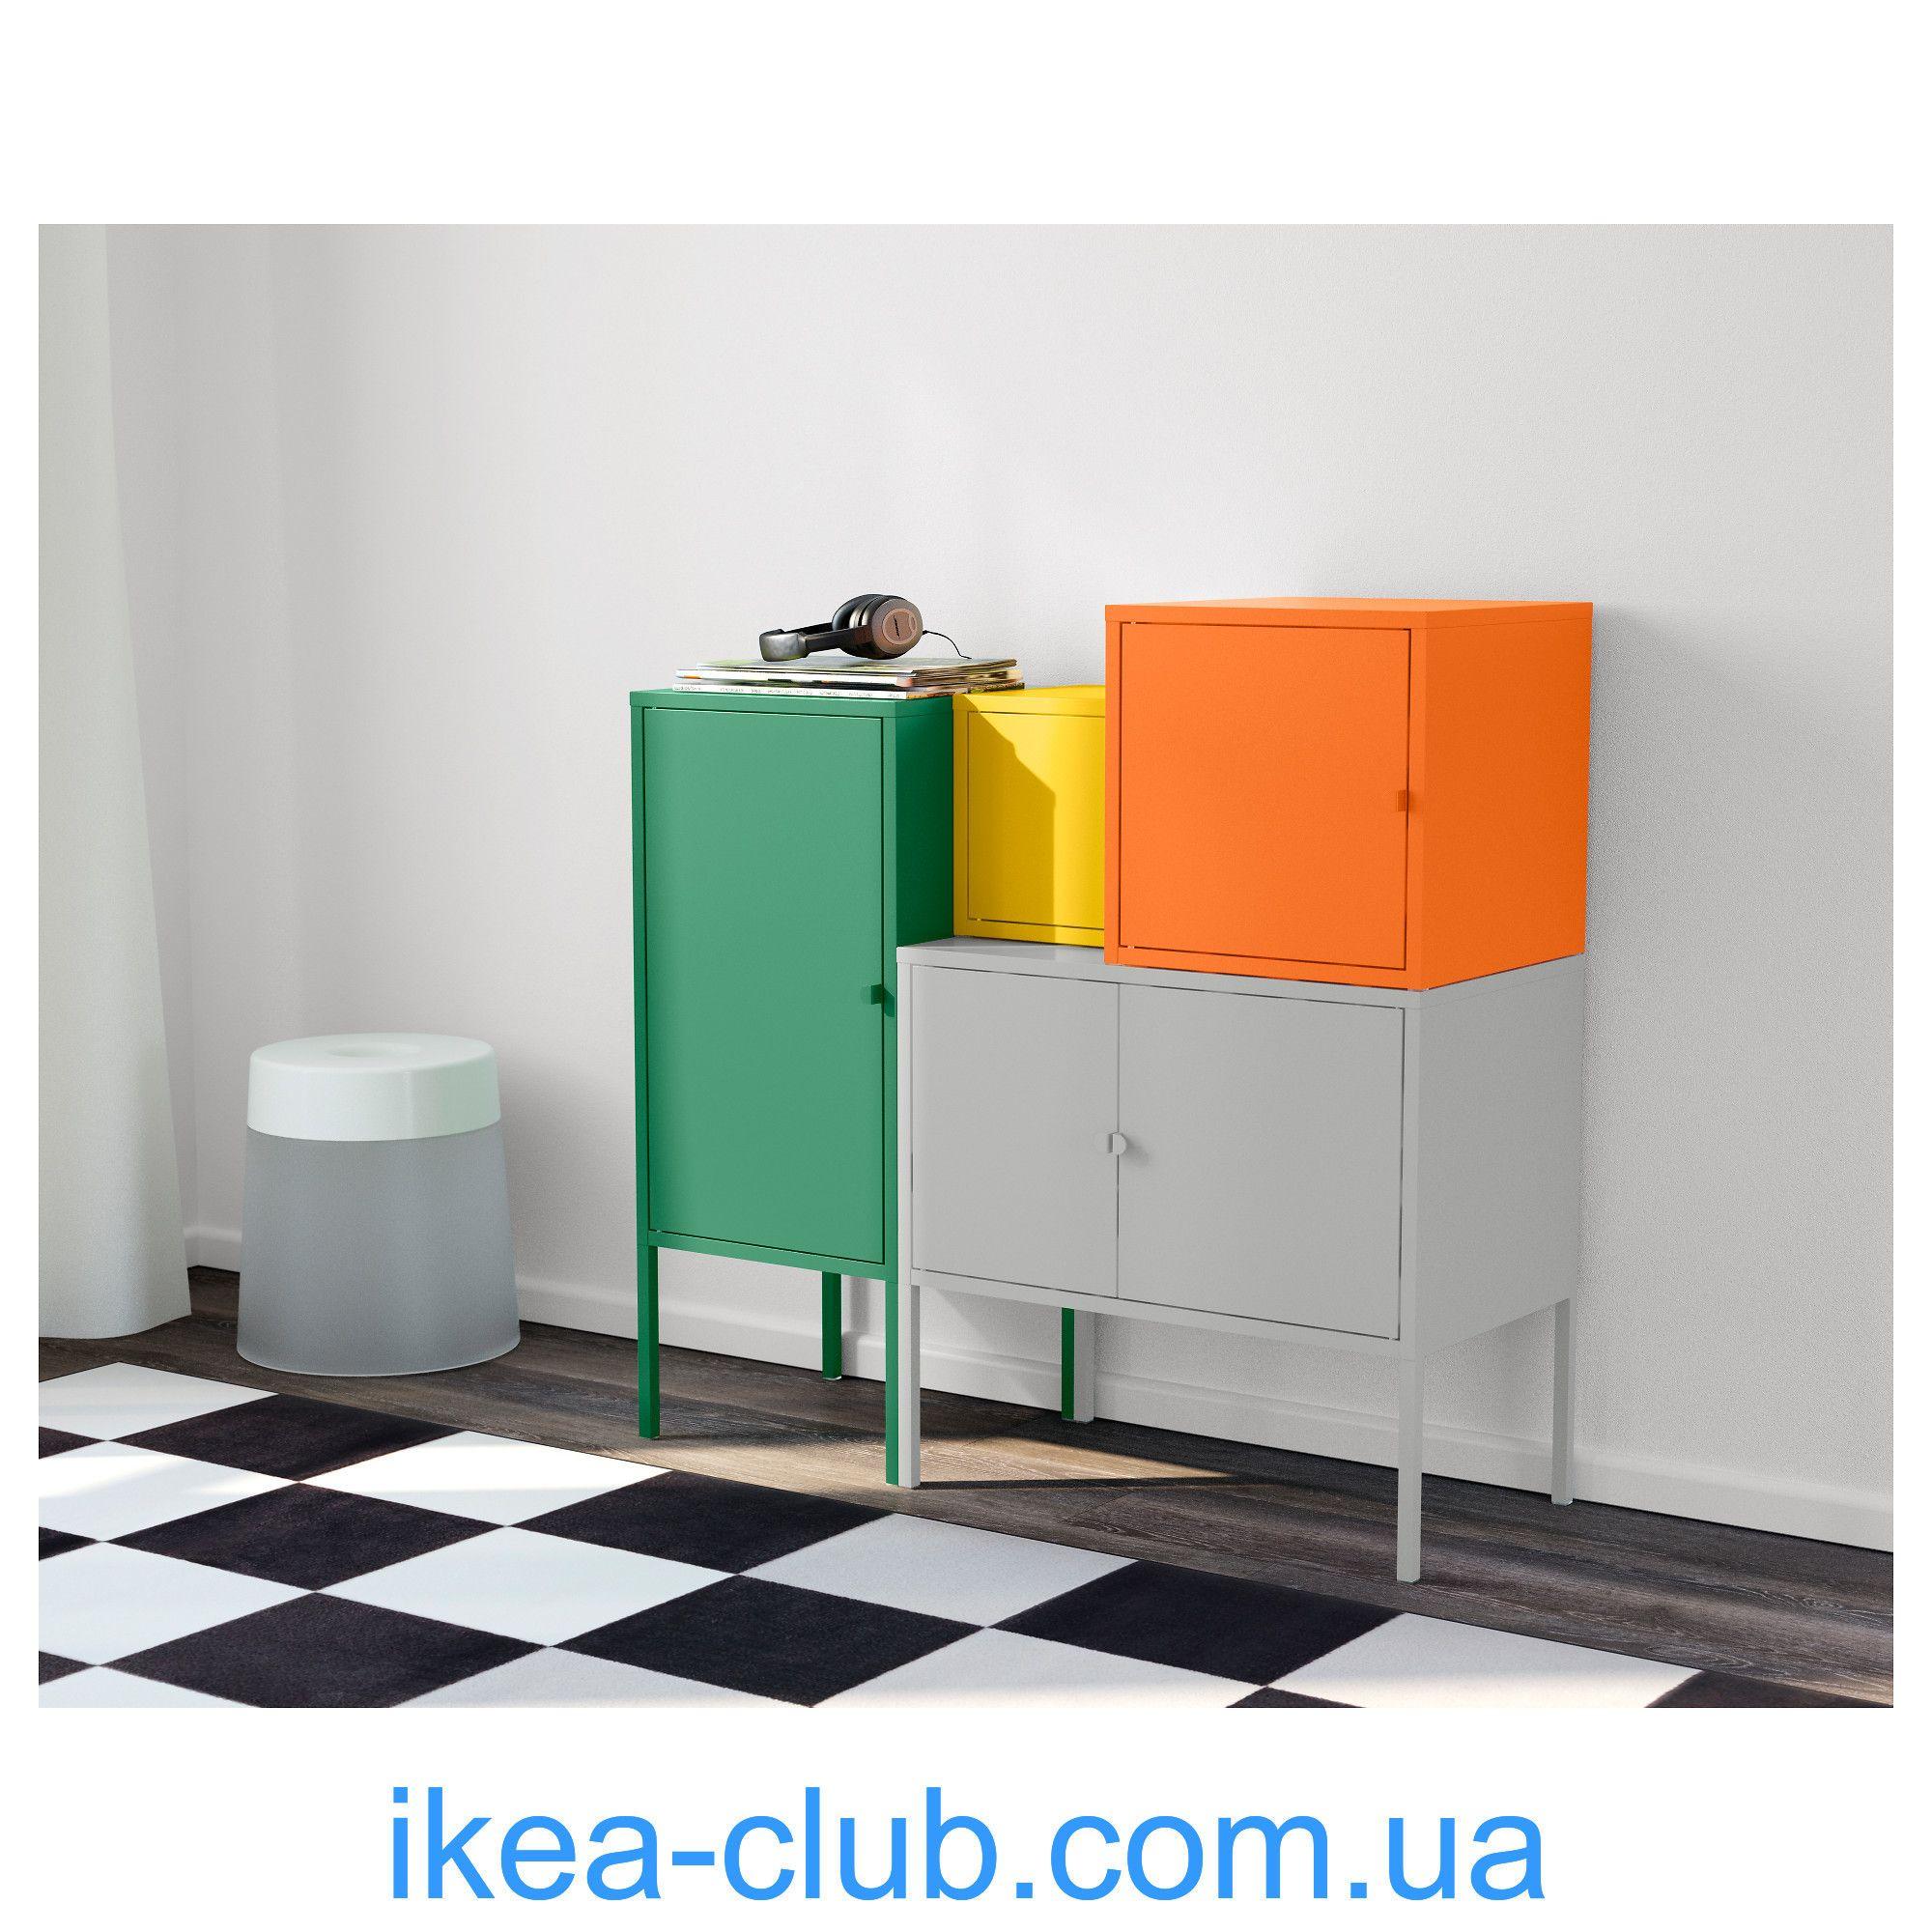 ikea pinterest. Black Bedroom Furniture Sets. Home Design Ideas